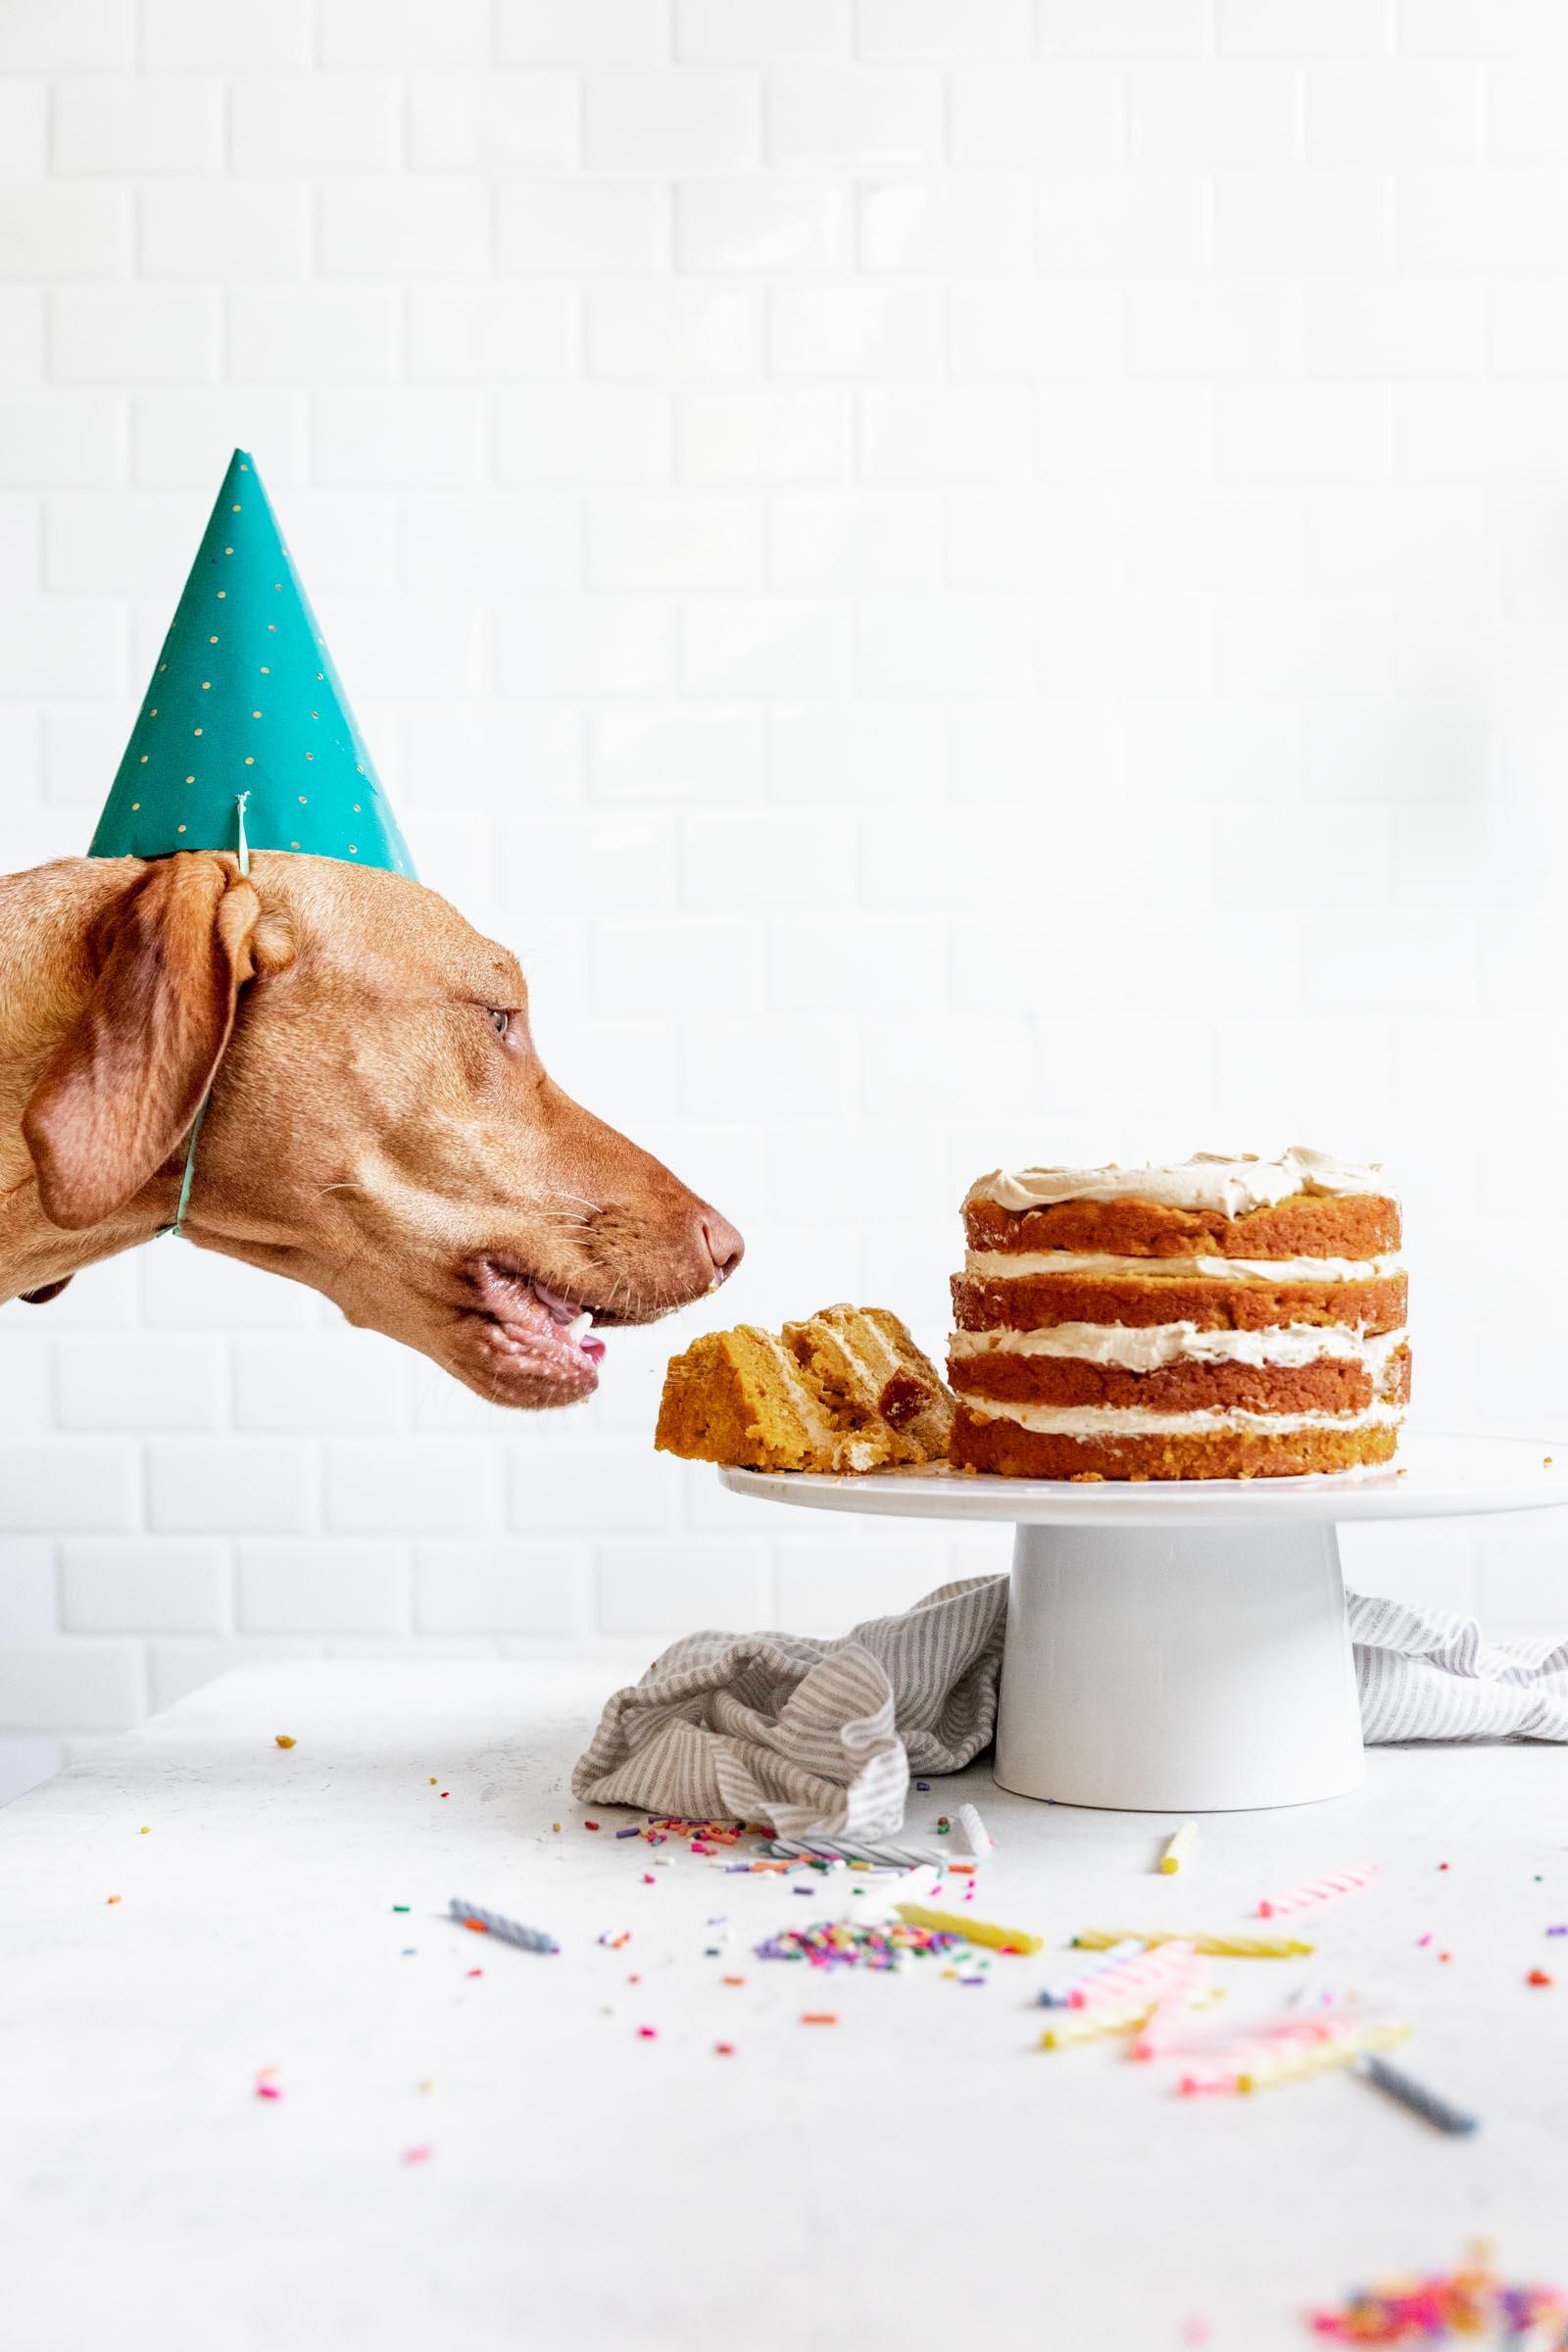 Taking a bite of dog birthday cake